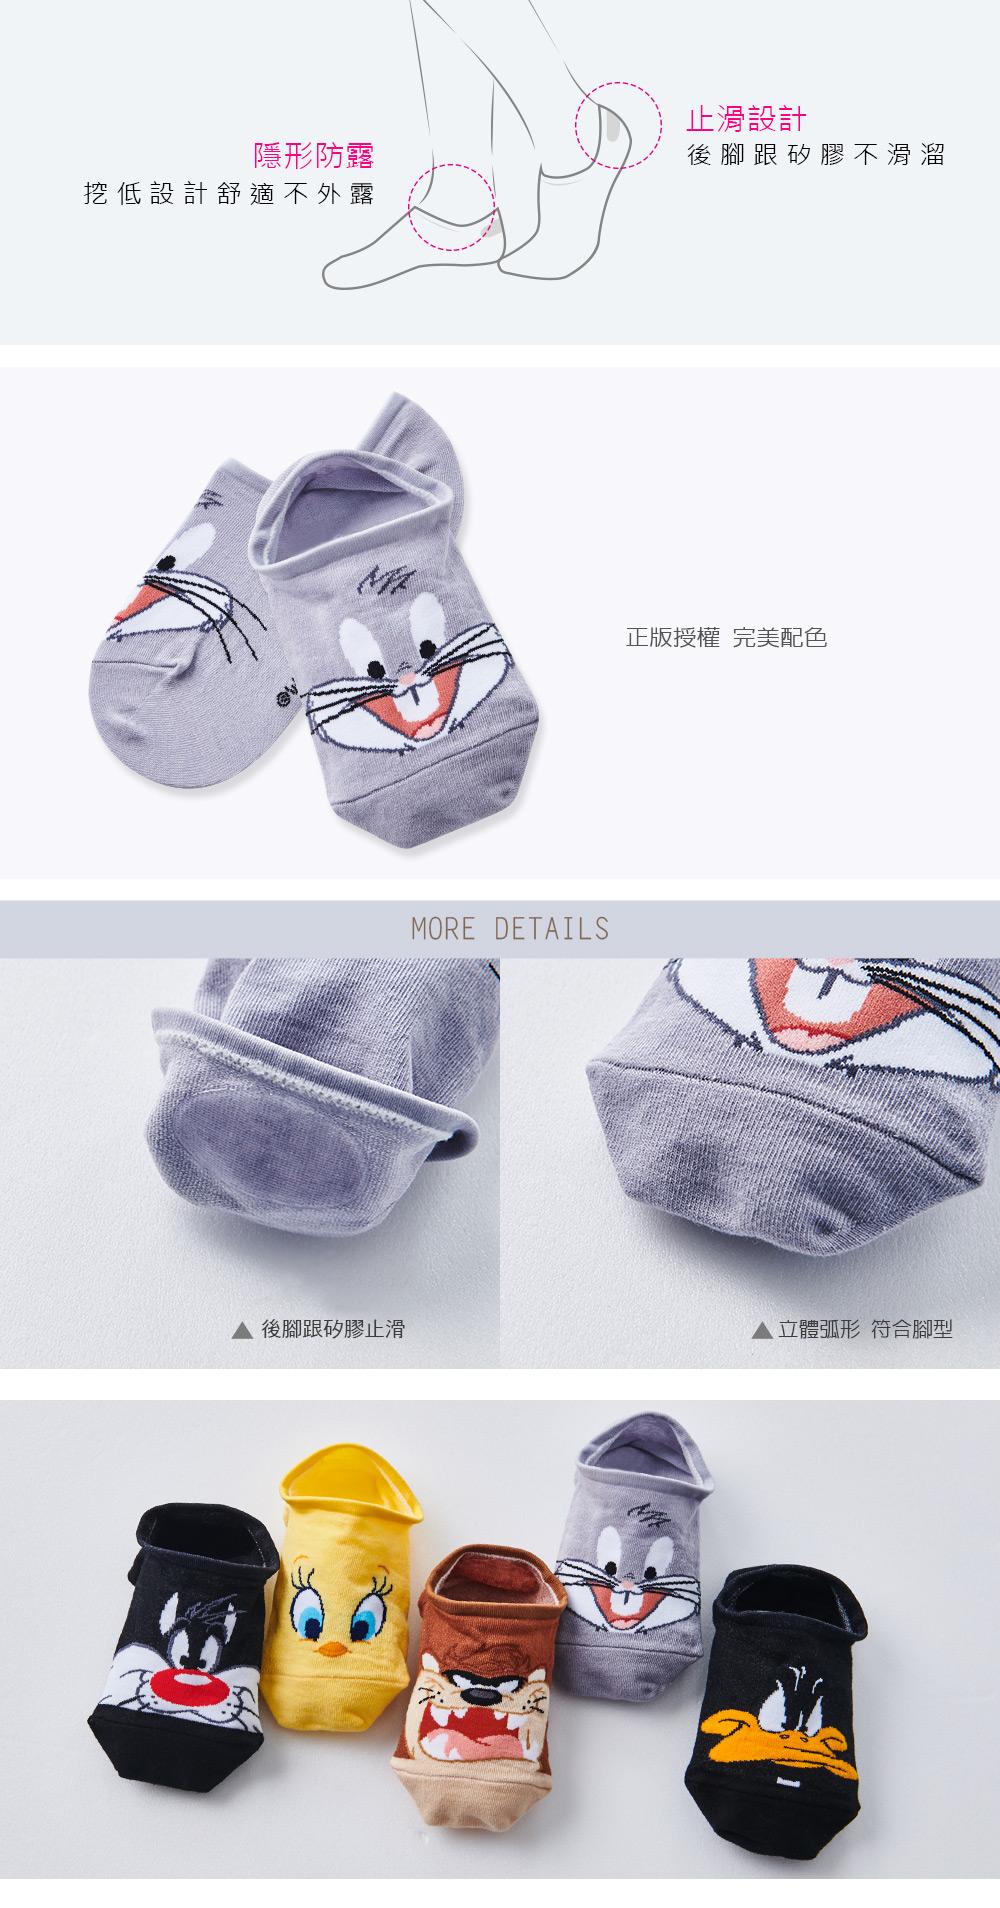 樂一通大圖隱形襪-01